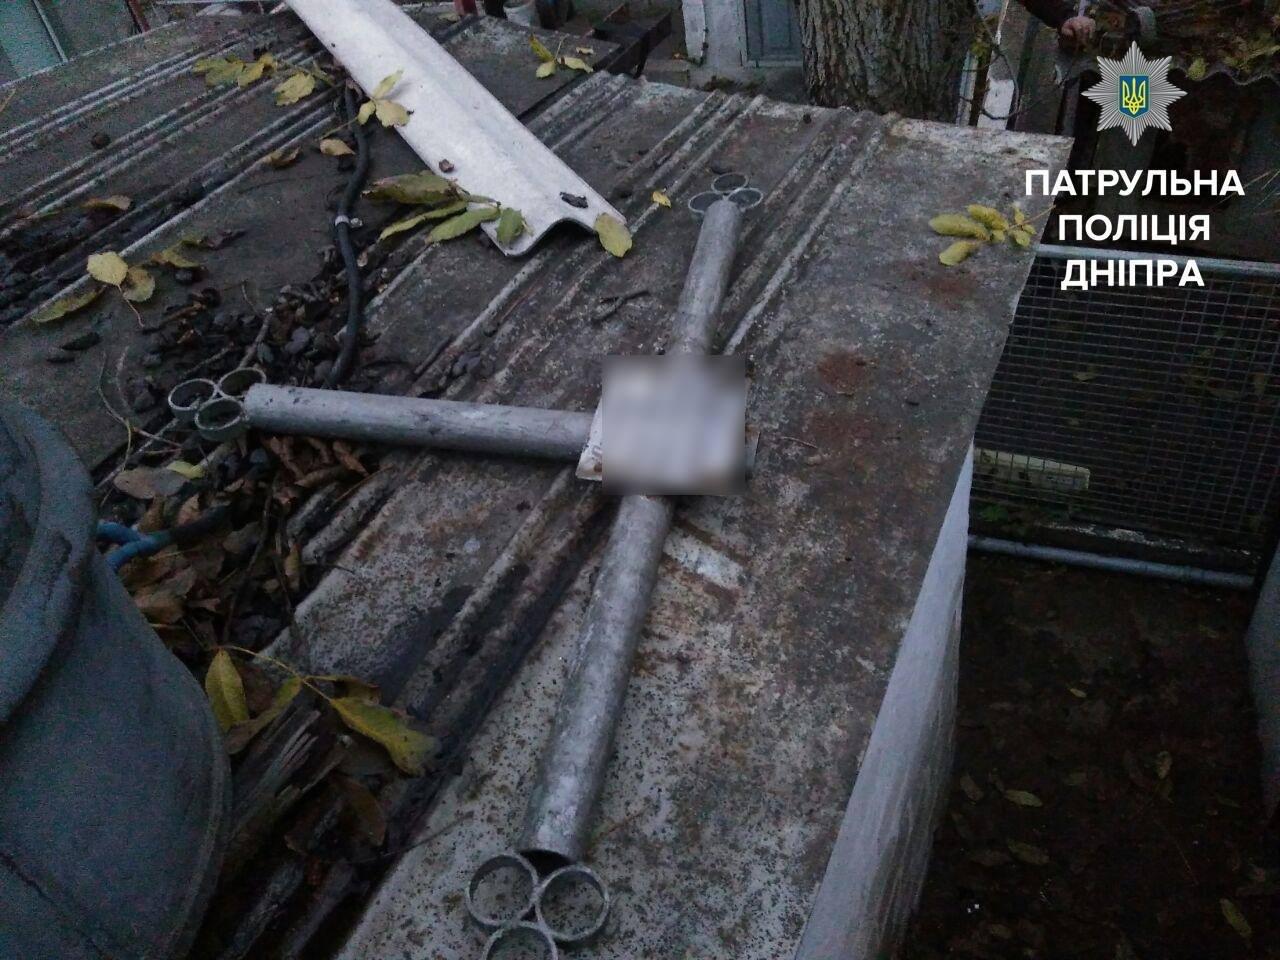 Ничего святого: в Днепре мужчины украли могильный крест и скамейку (ФОТО), фото-1